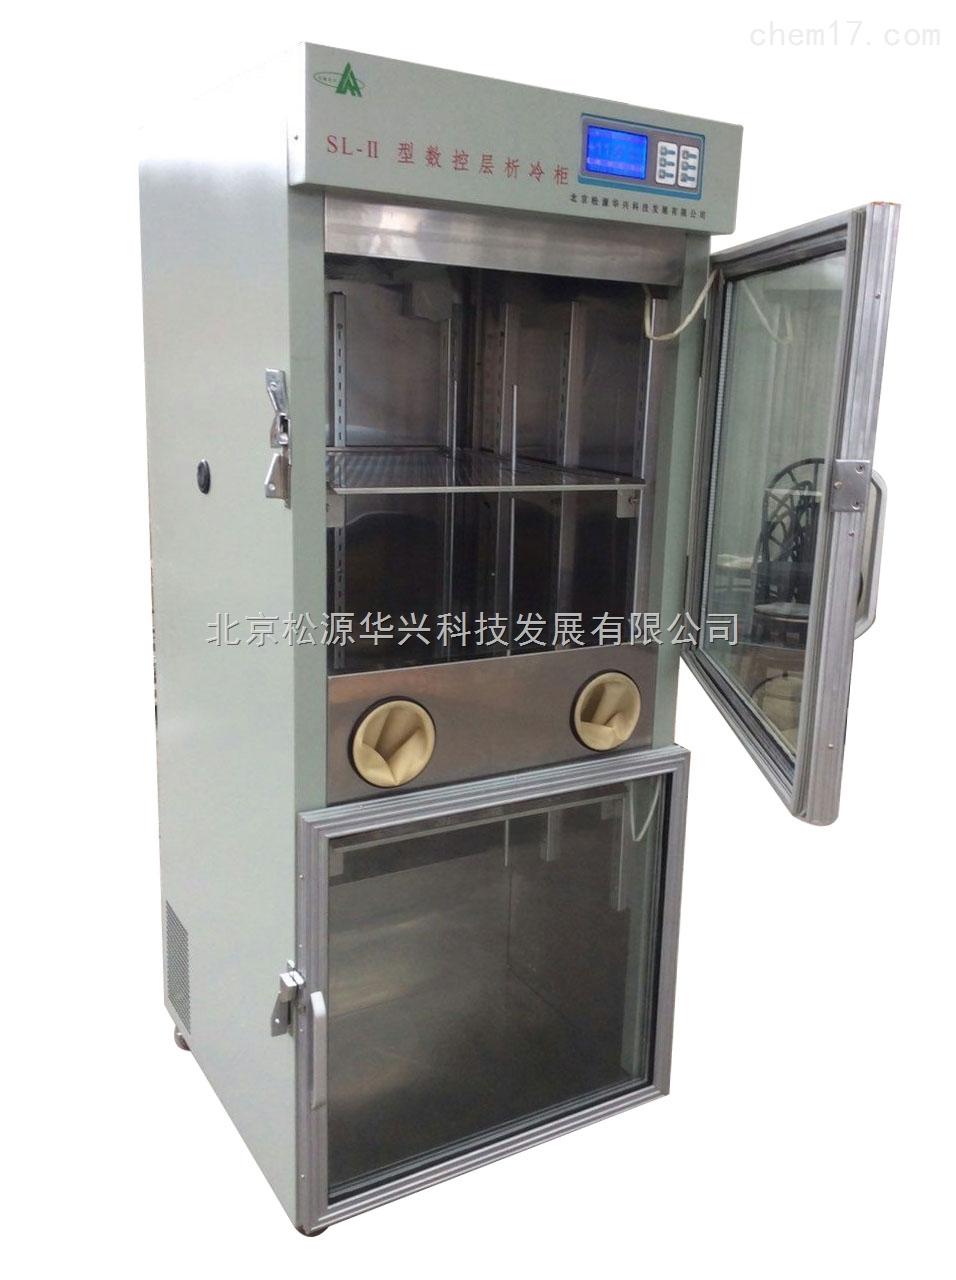 SL-II層析冷柜/數控層析冷柜/實驗室儀器